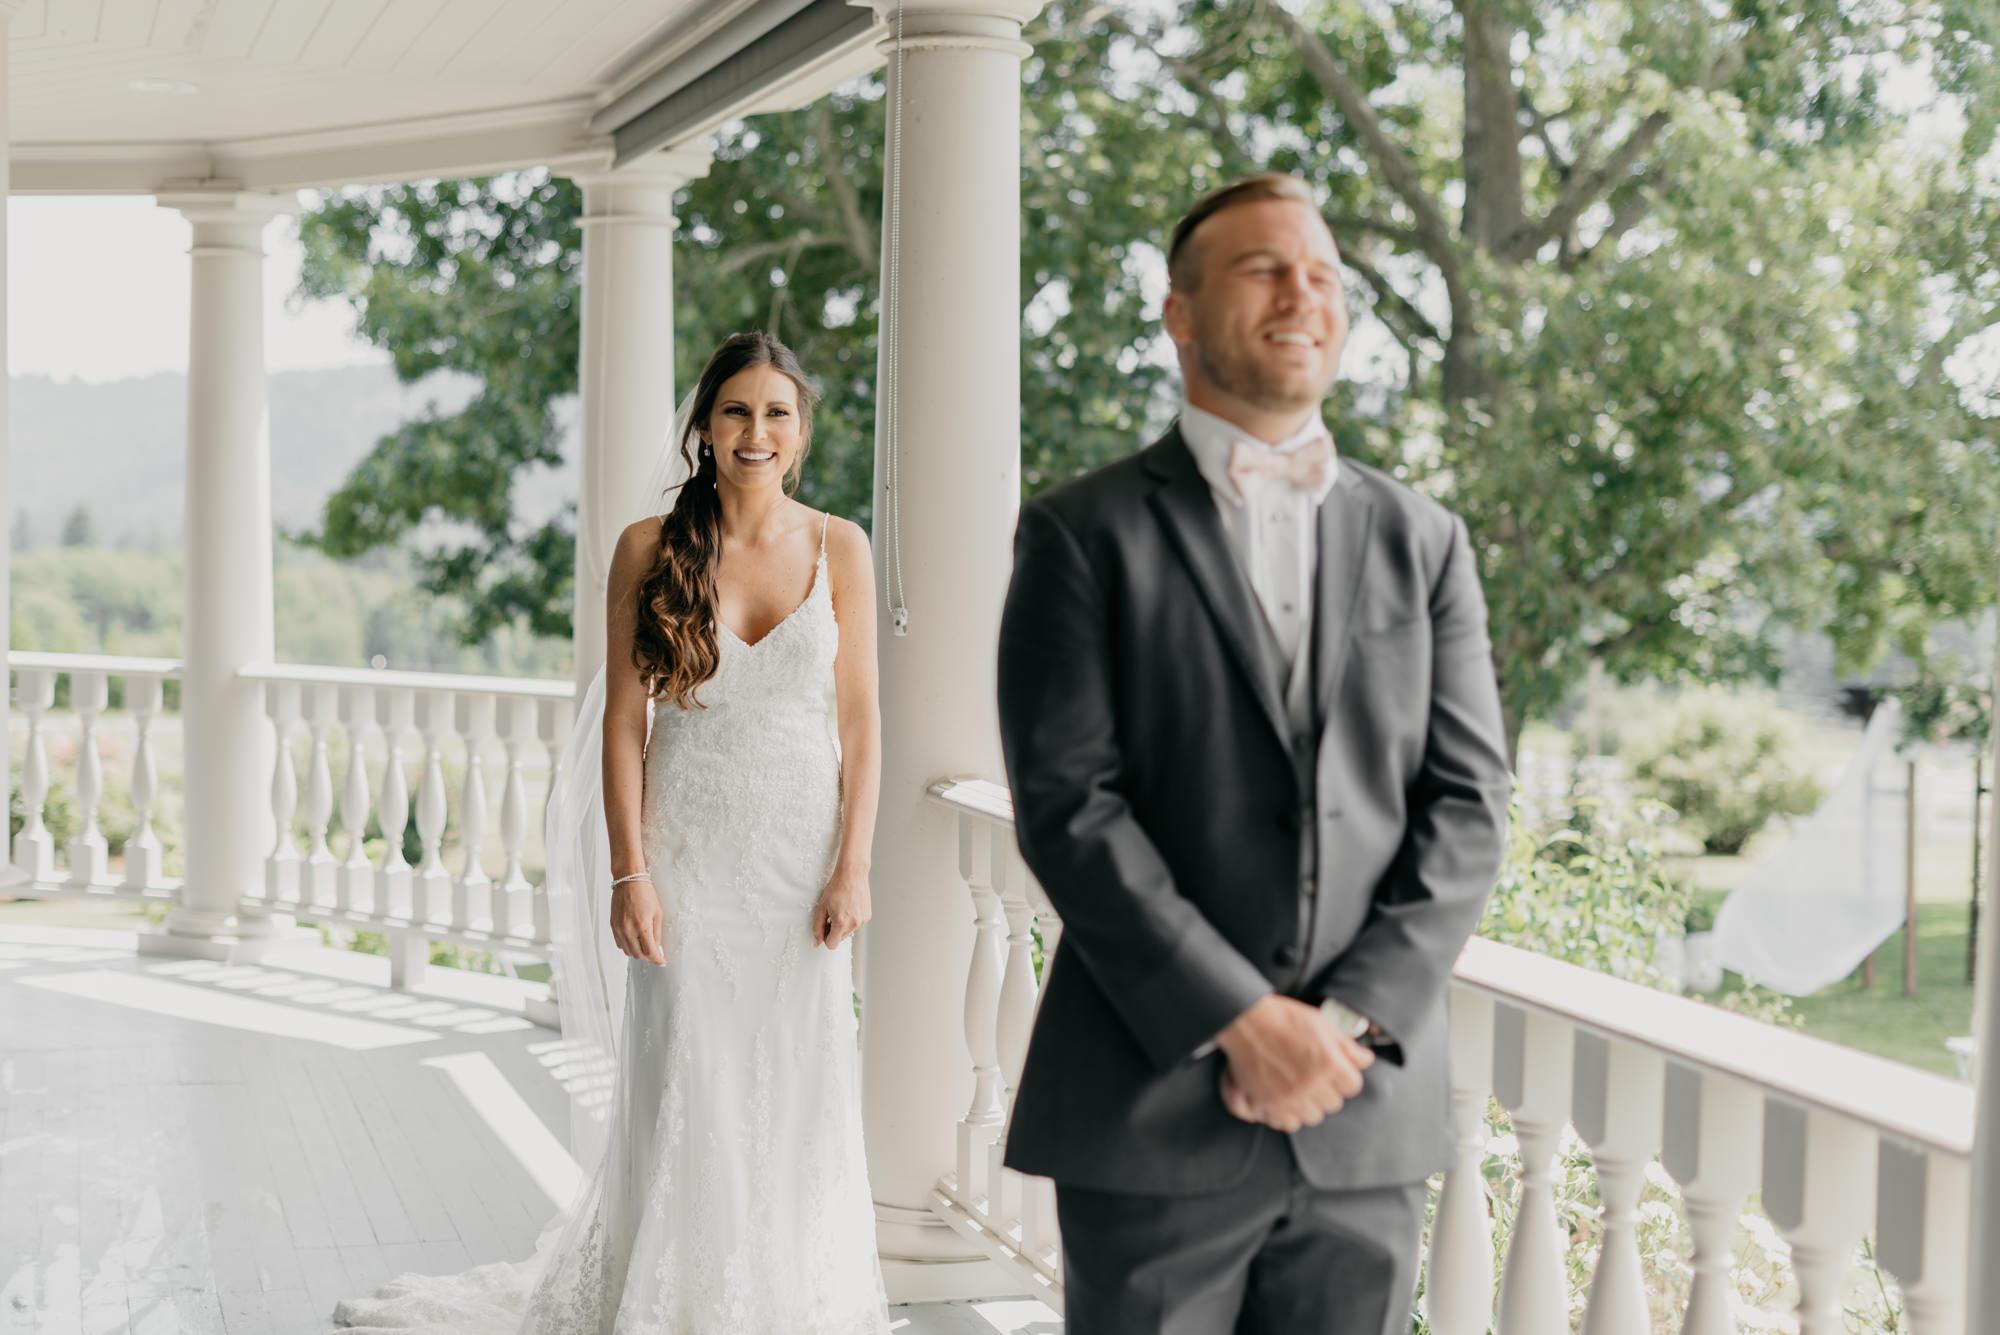 48-first-look-barn-kestrel-wedding-lake-oswego-wedding.jpg